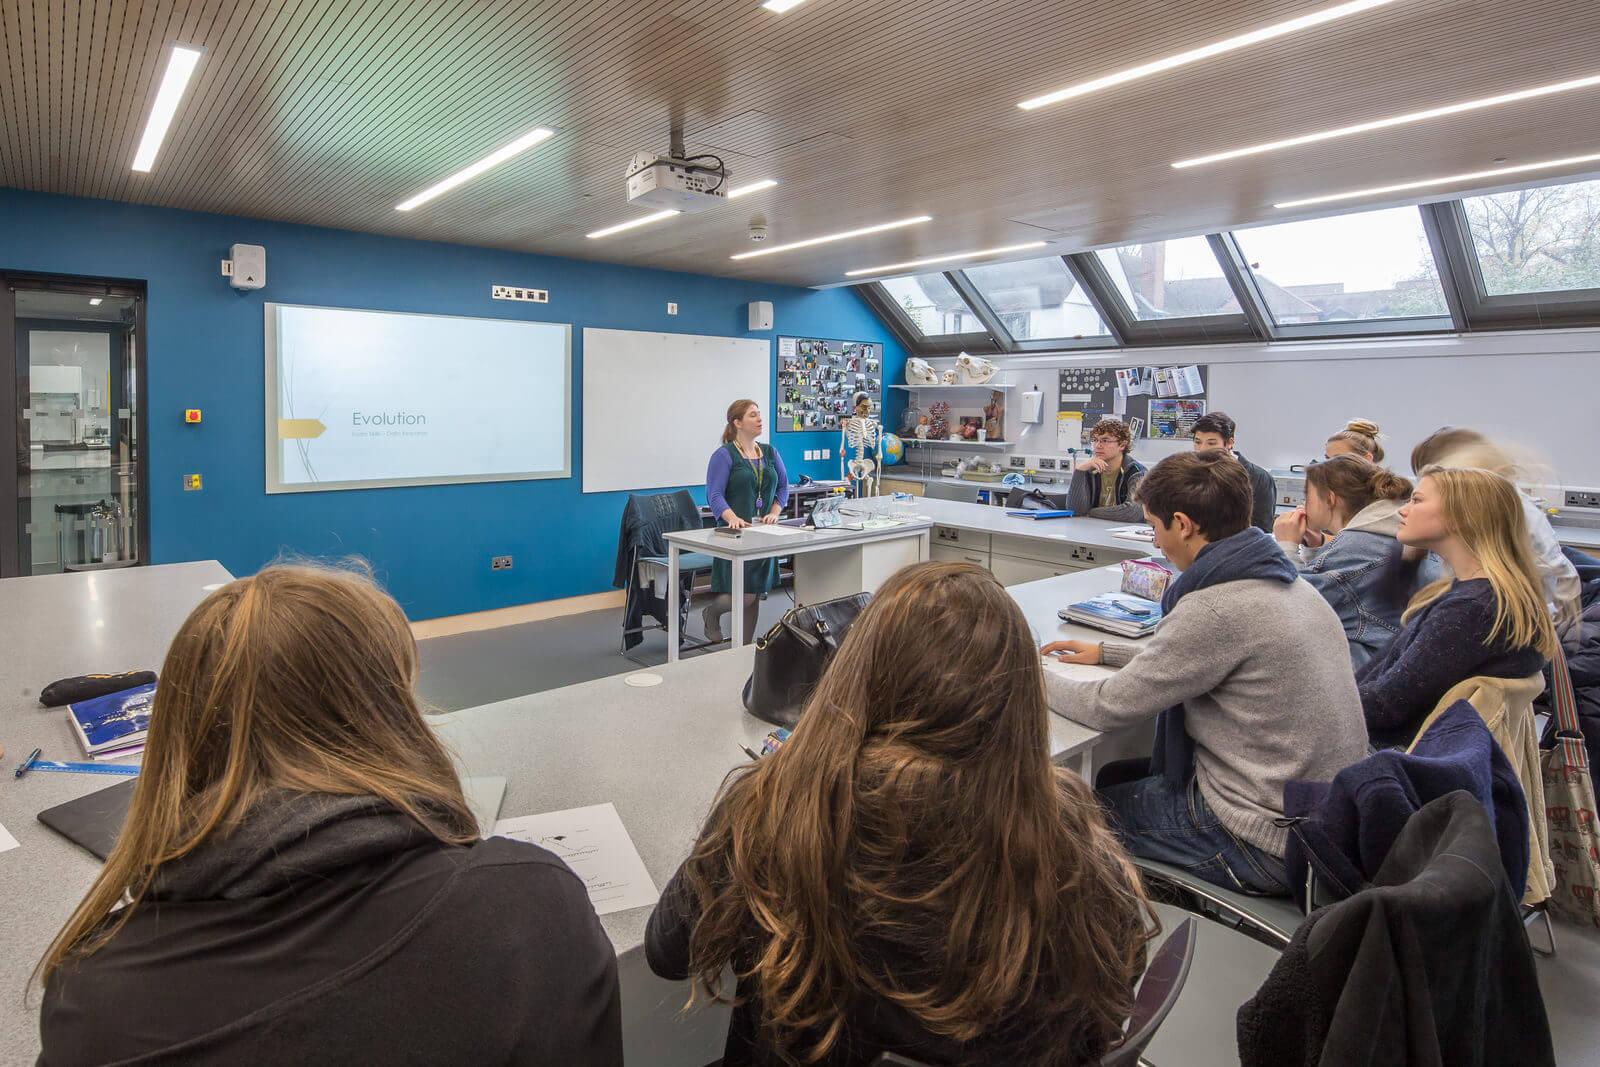 ST. CLARE'S  Оксфорд — летние программы для молодежи от 15 до 17 лет.